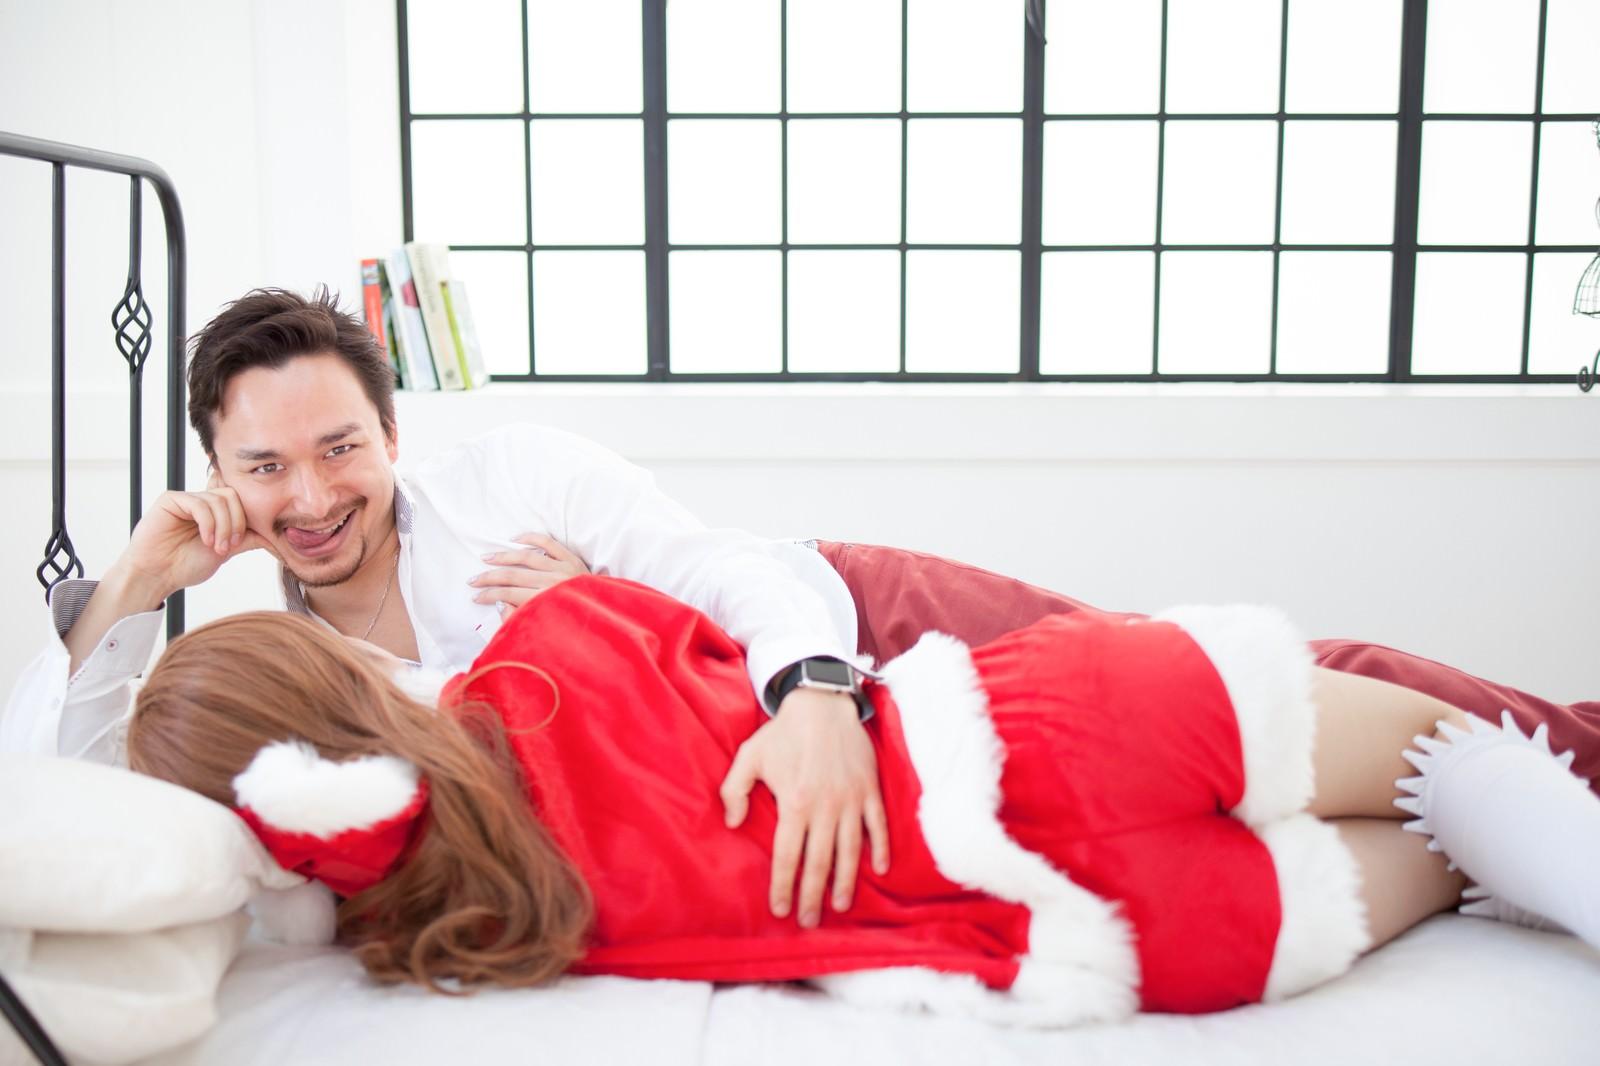 「女性サンタをゲットしたゲス顔ドイツ人ハーフ」の写真[モデル:Max_Ezaki]